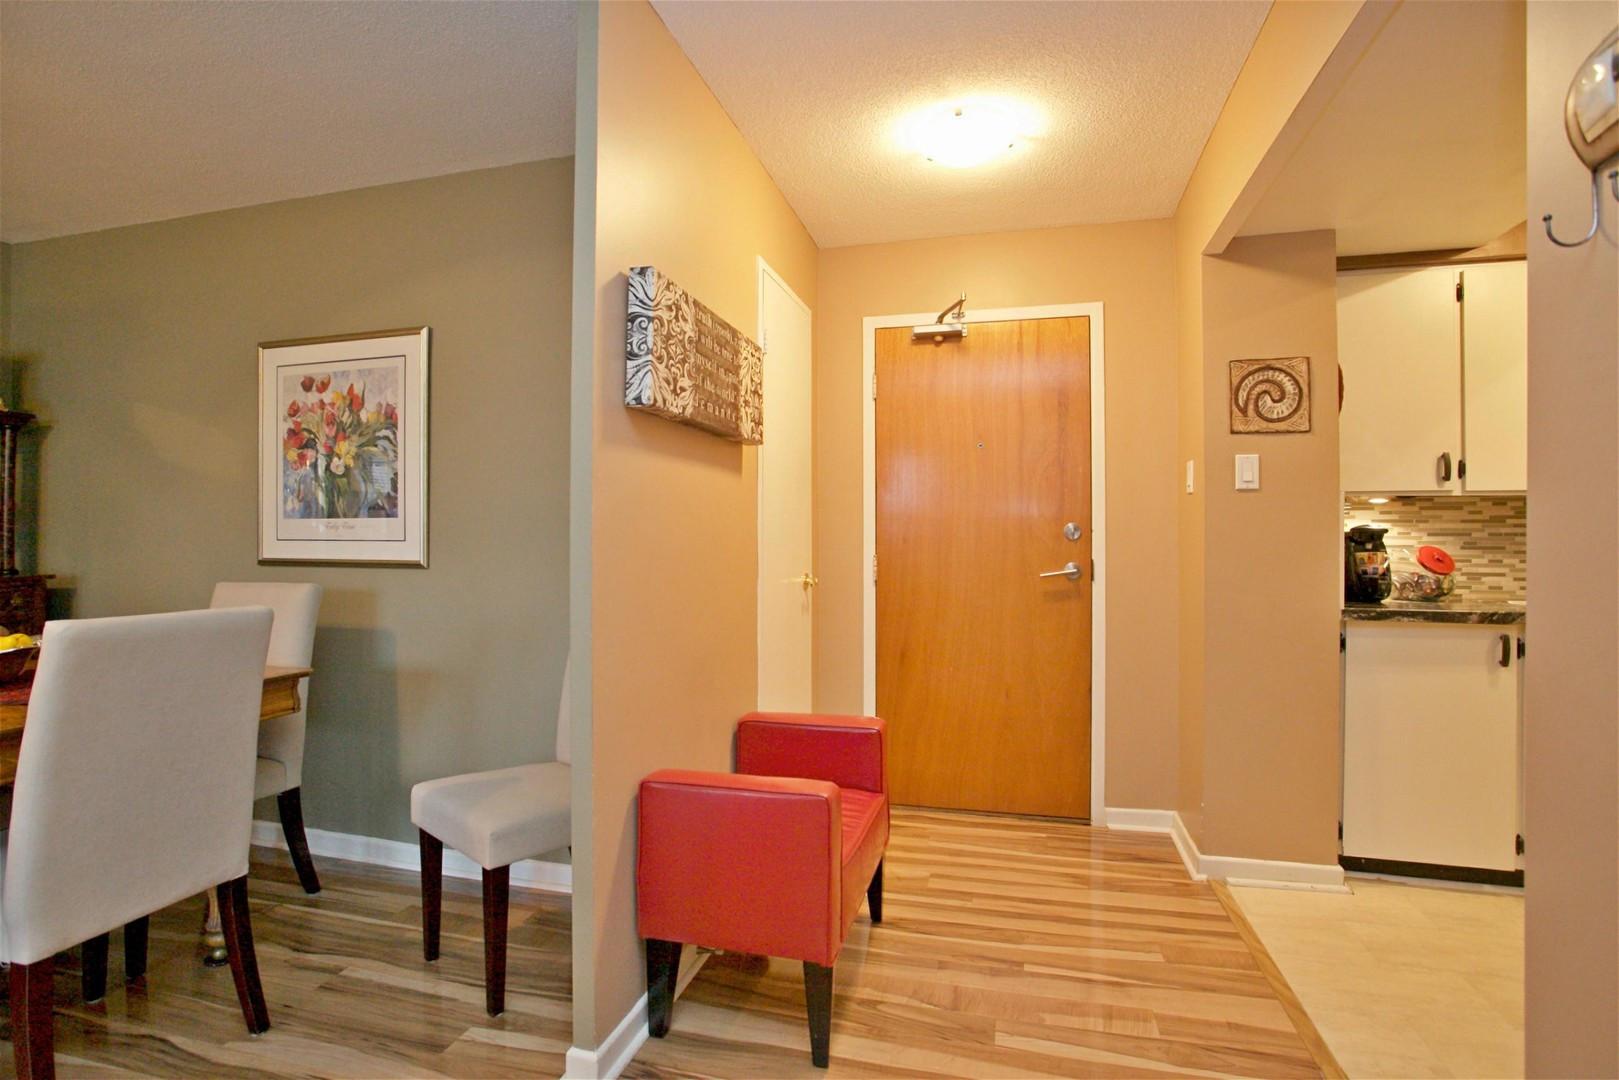 hardwood flooring markham ontario of 1 royal orchard boulevard 603 markham with regard to ngyydakpv2